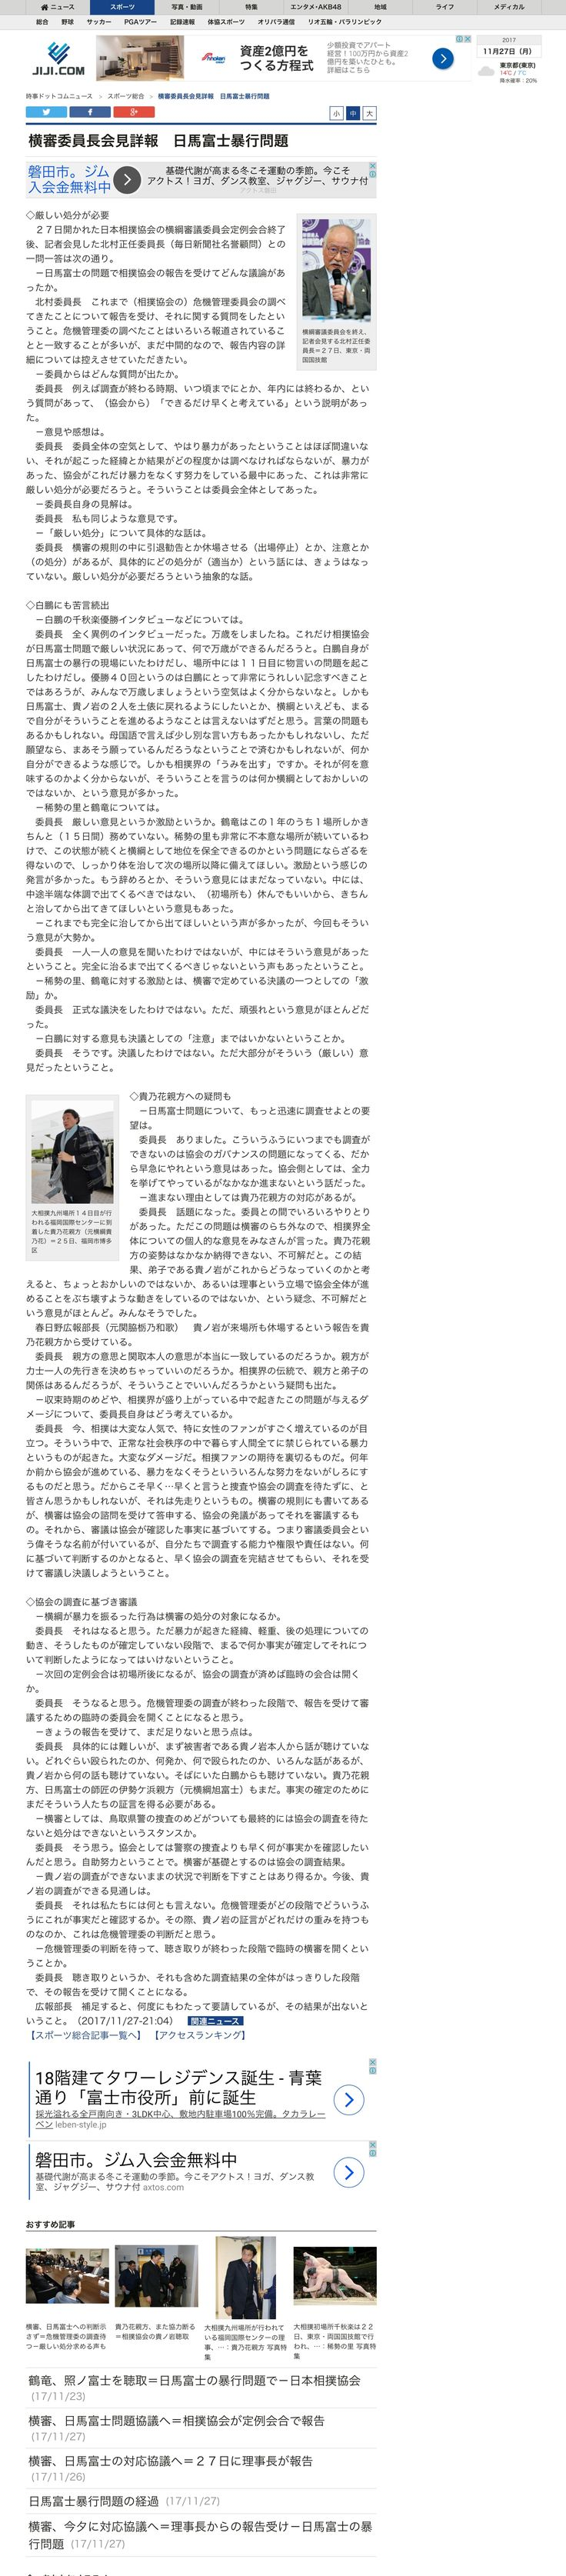 横審委員長会見詳報 日馬富士暴行問題:時事ドットコム https://www.jiji.com/jc/article?k=2017112701060&g=spo #相撲 #日馬富士 #暴行 #膀胱 #時事ドットコム #sumo